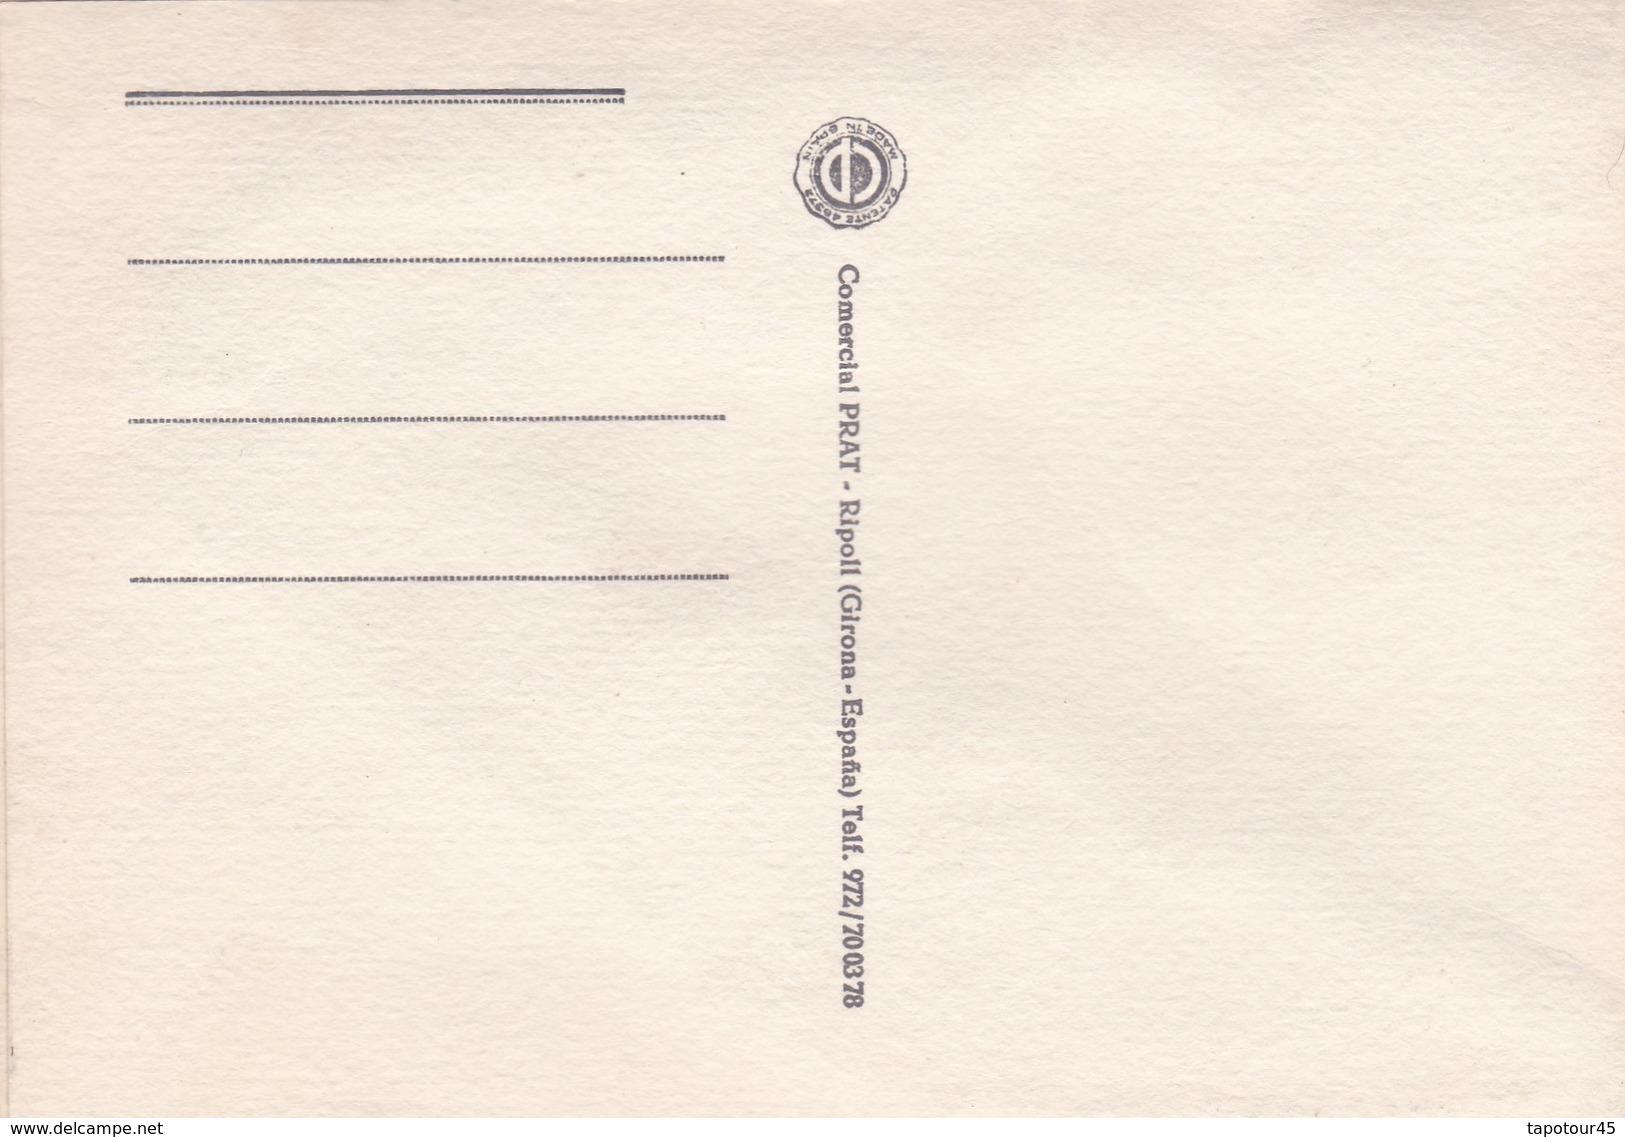 (Alb 1.4) Cartes Postale Habillée Ou Brodée (Possibilité De Joindre Deux Cartes Pour Moins De 20 Gr) - Cartes Postales